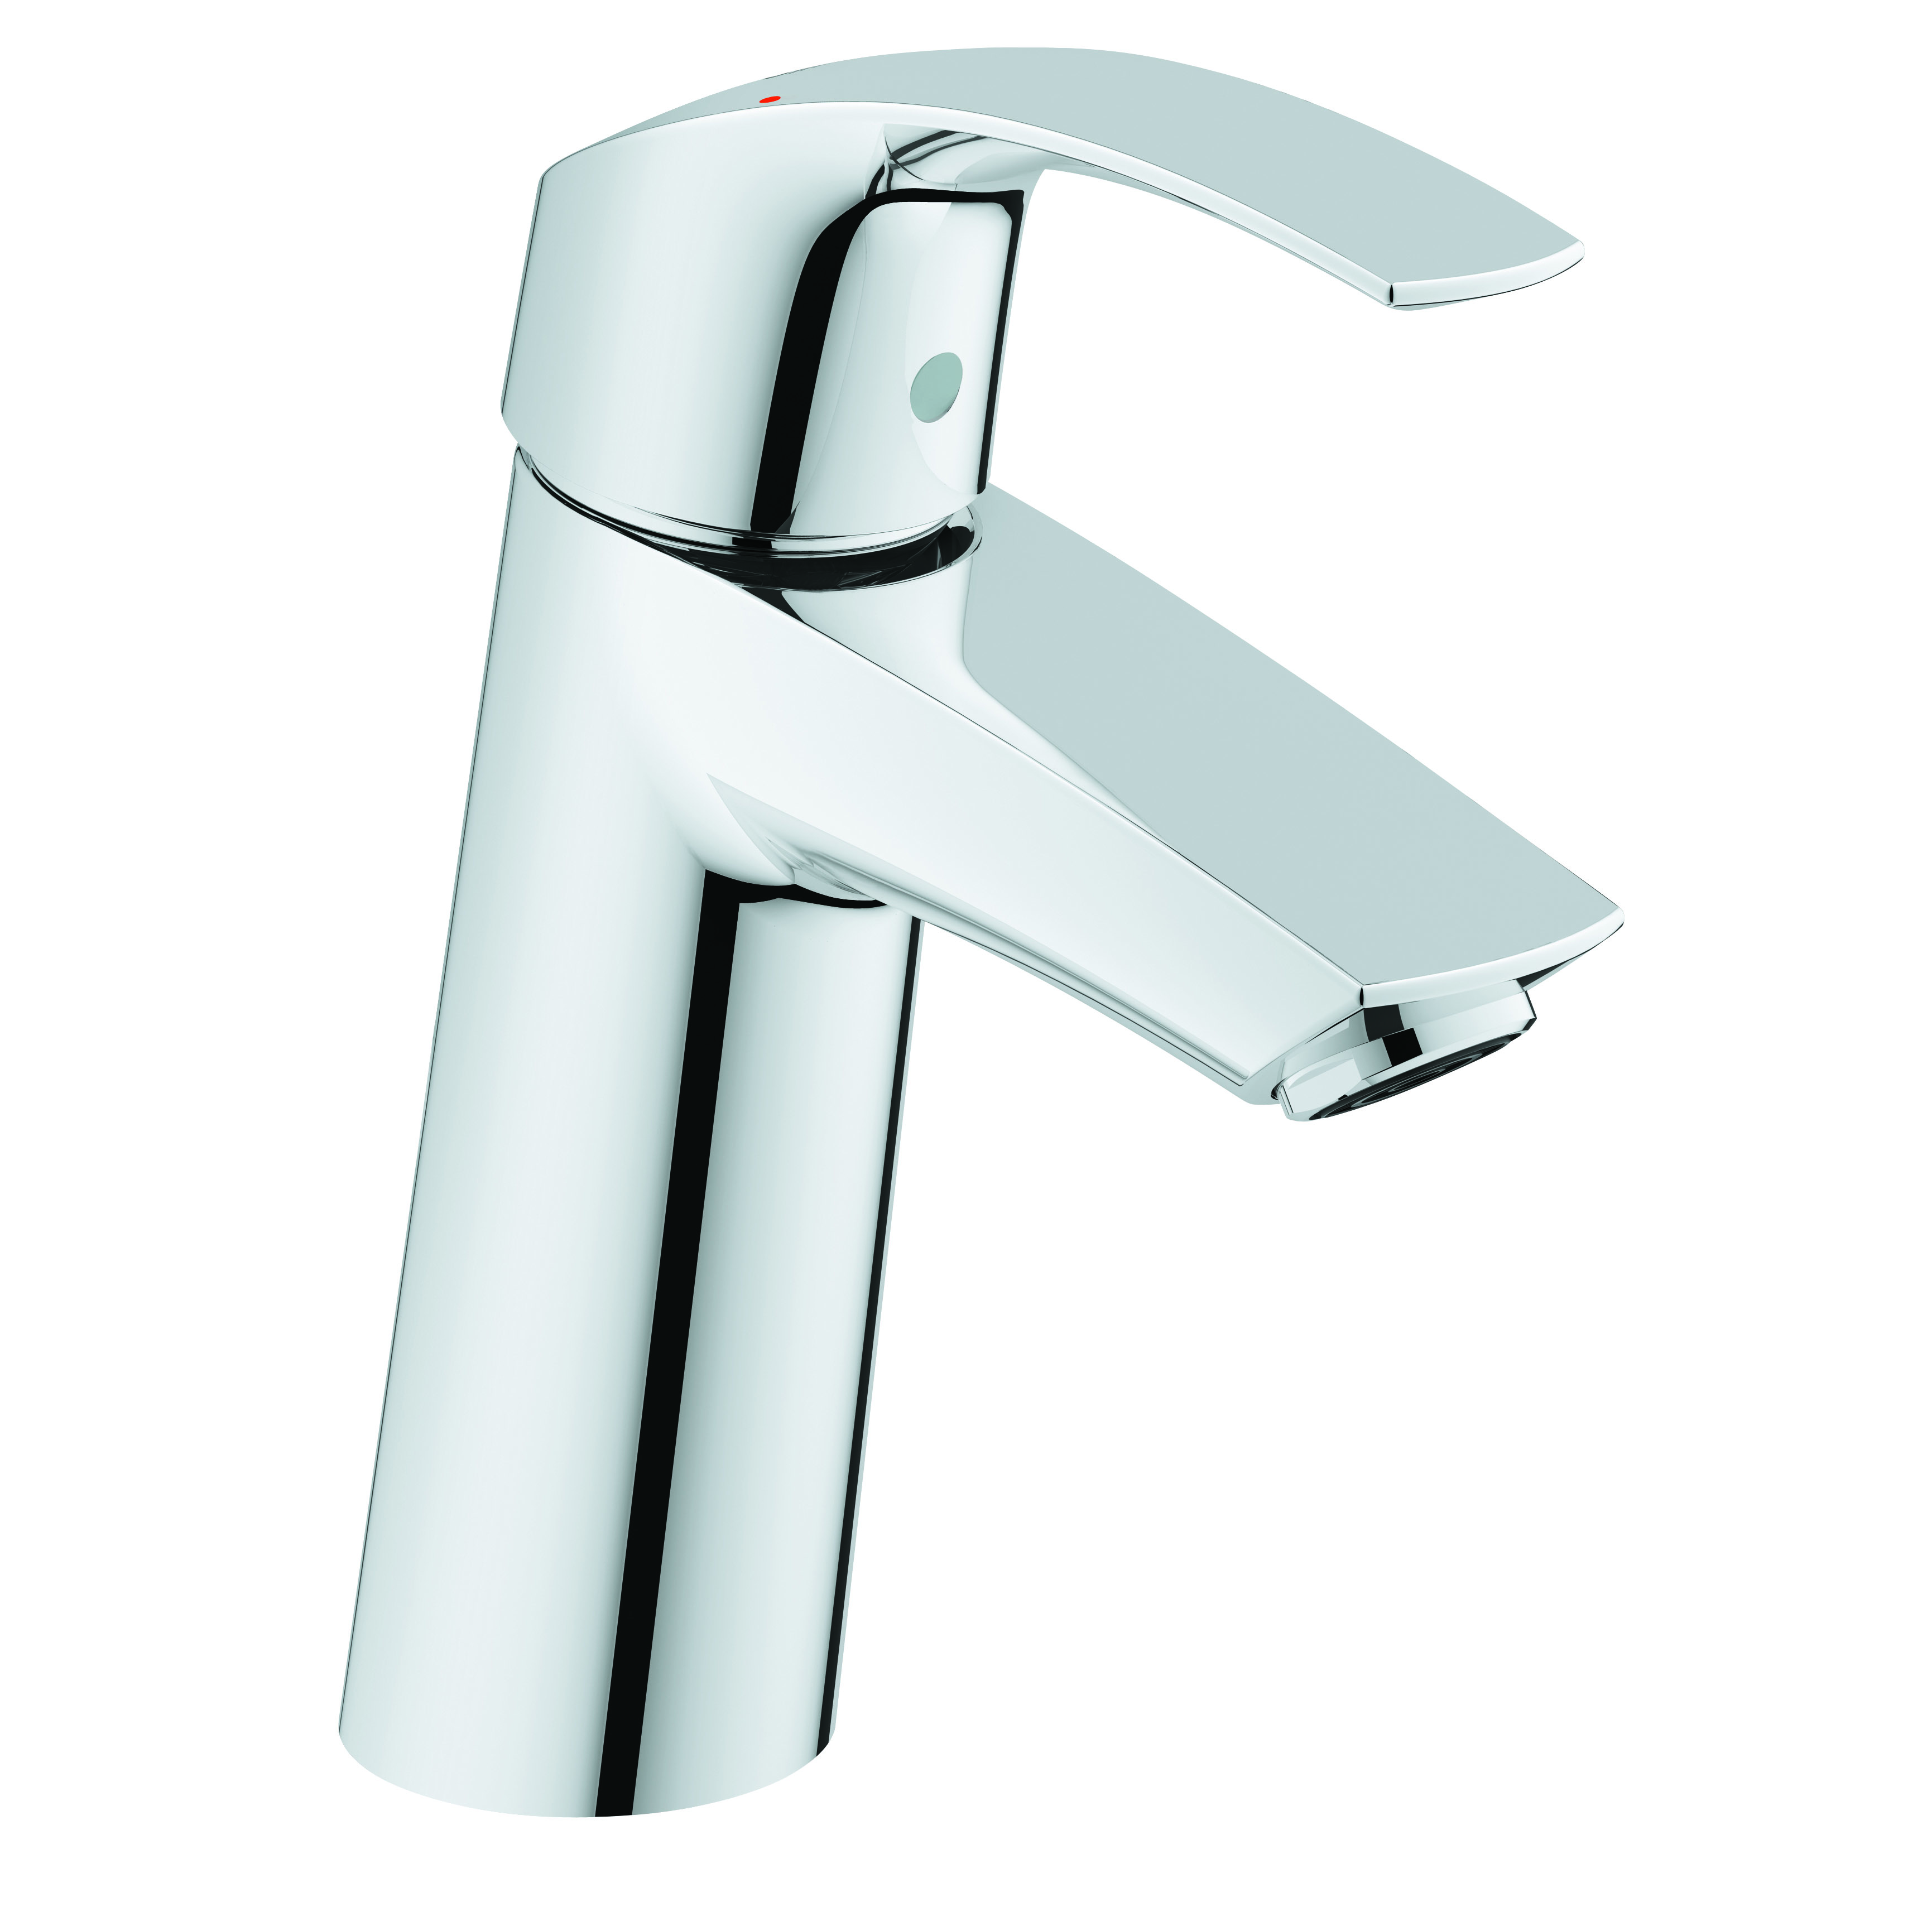 Tvättställsblandare Grohe Eurosmart 23923 med Pop-up ventil